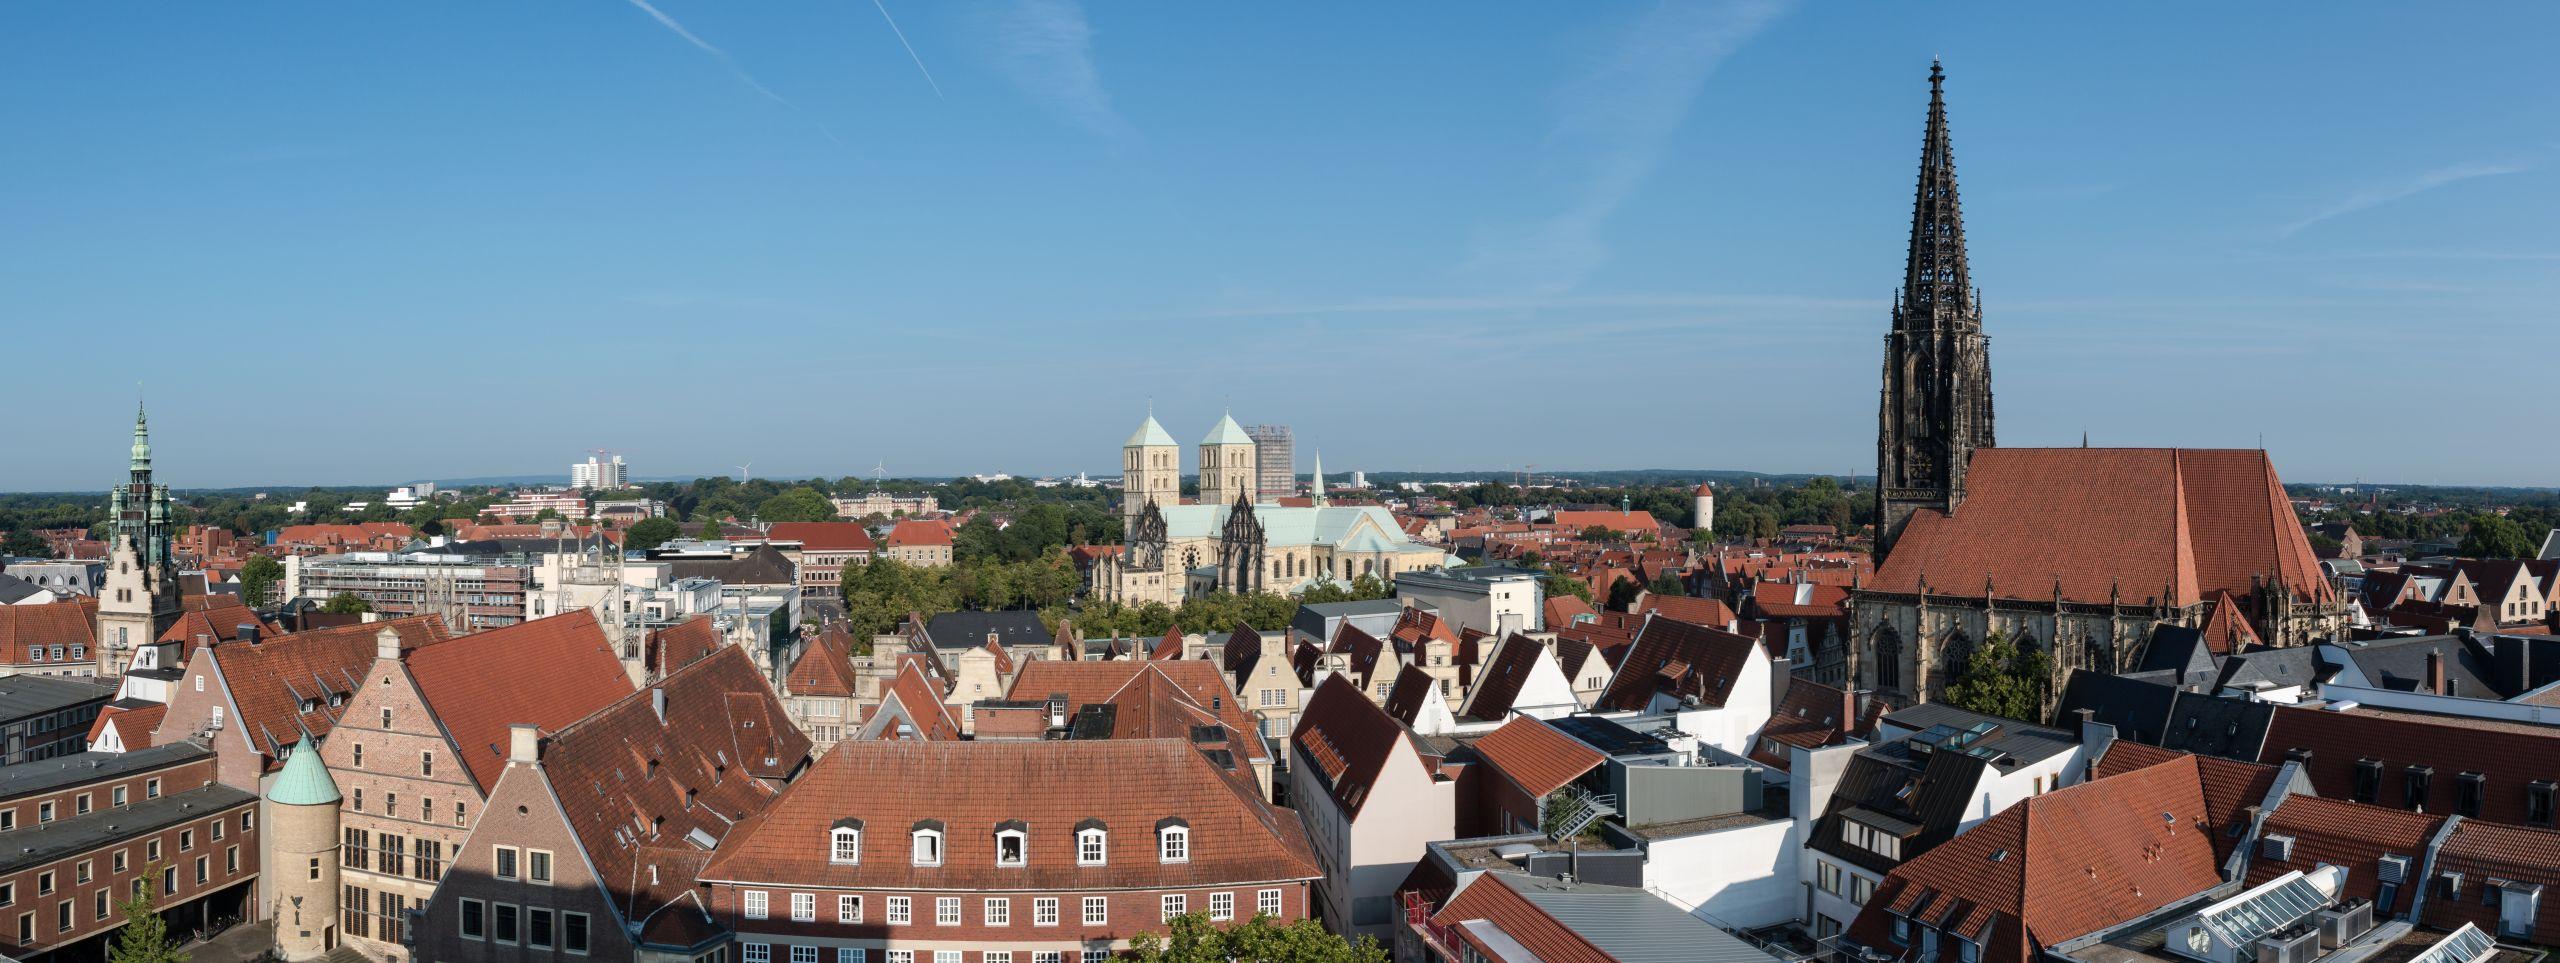 Münster Altstadt Panorama 2017 2075 9